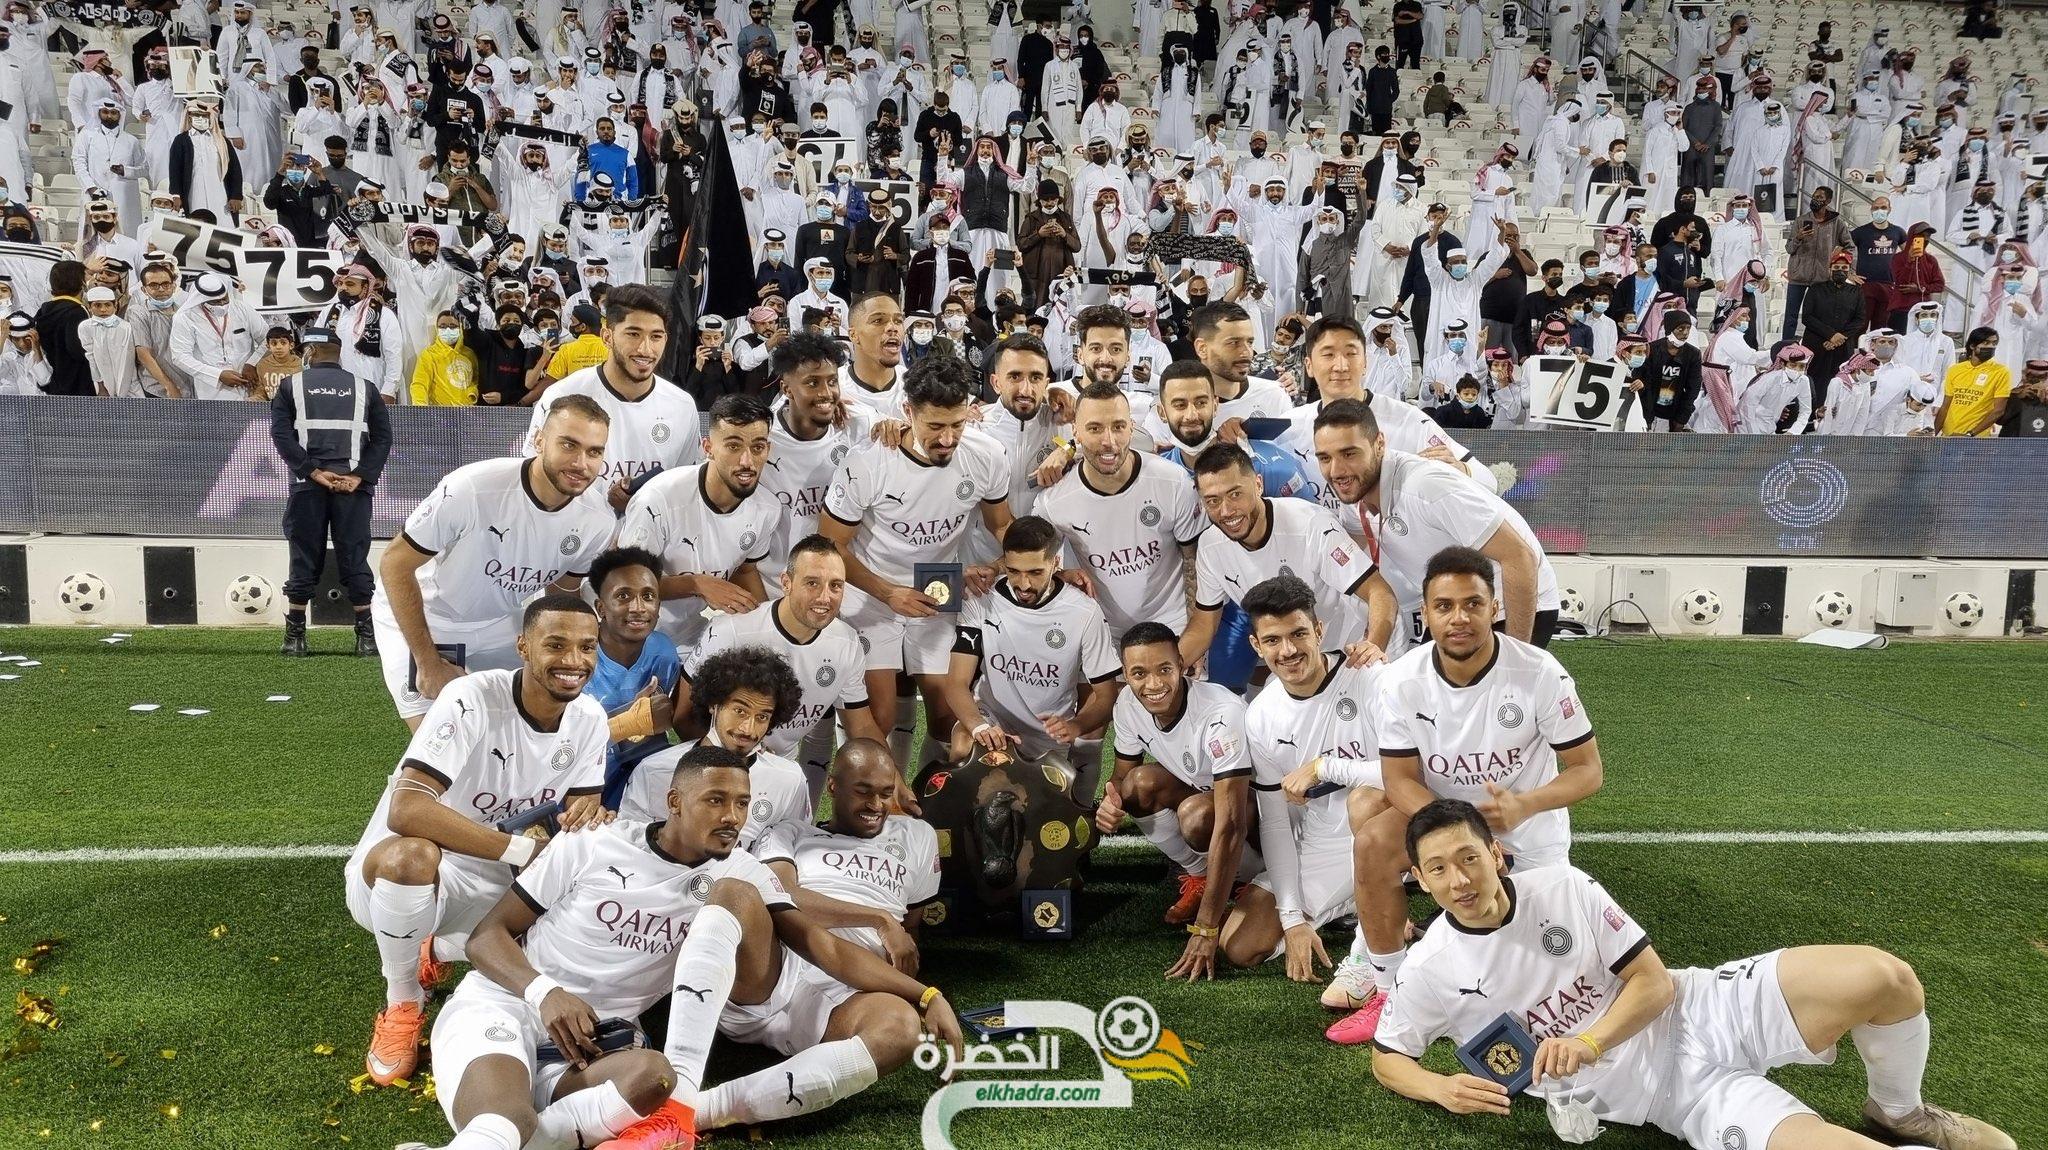 """بونجاح يسجل هدفاً و يقود ناديه """"السد"""" للتتويج بالدوري القطري 29"""